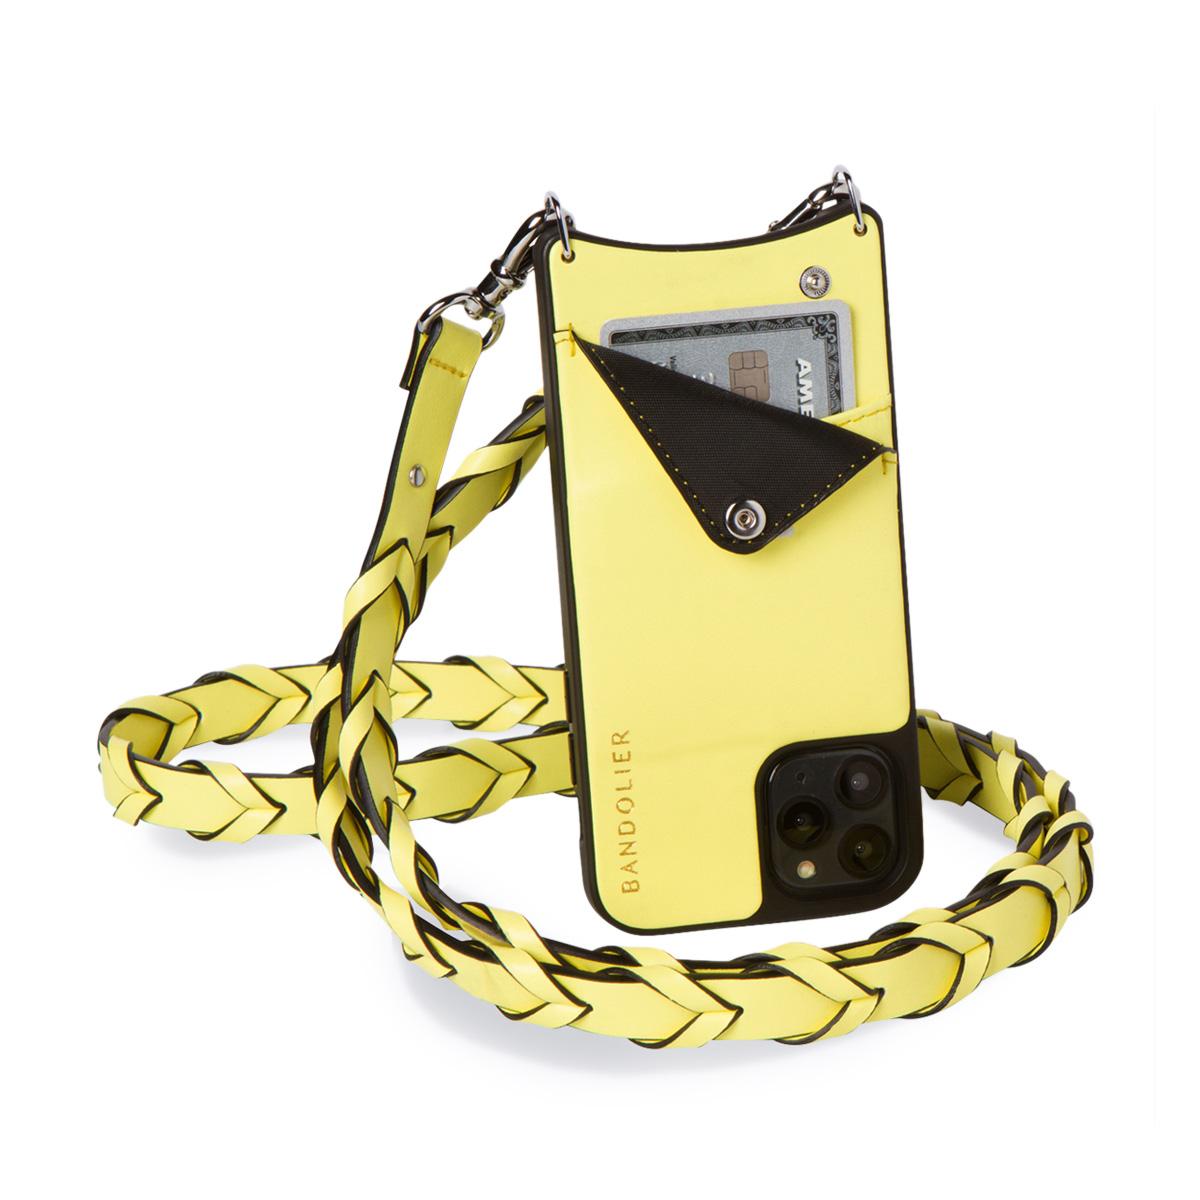 BANDOLIER ZOEY YELLOW バンドリヤー iPhone11 Pro MAX ケース スマホ 携帯 ショルダー アイフォン メンズ レディース レザー イエロー 10ZOE